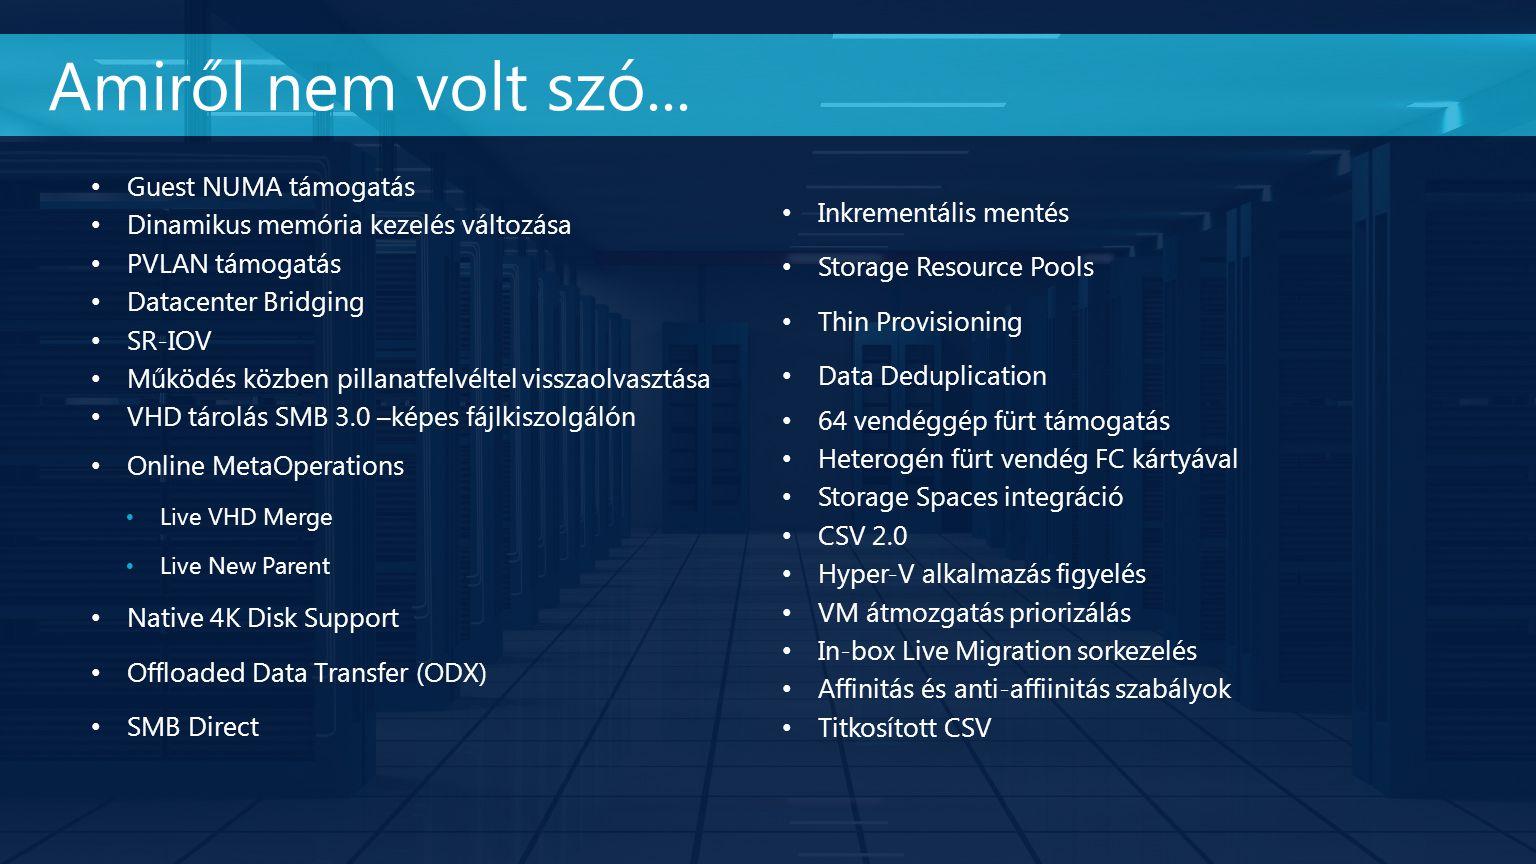 Guest NUMA támogatás Dinamikus memória kezelés változása PVLAN támogatás Datacenter Bridging SR-IOV Működés közben pillanatfelvéltel visszaolvasztása